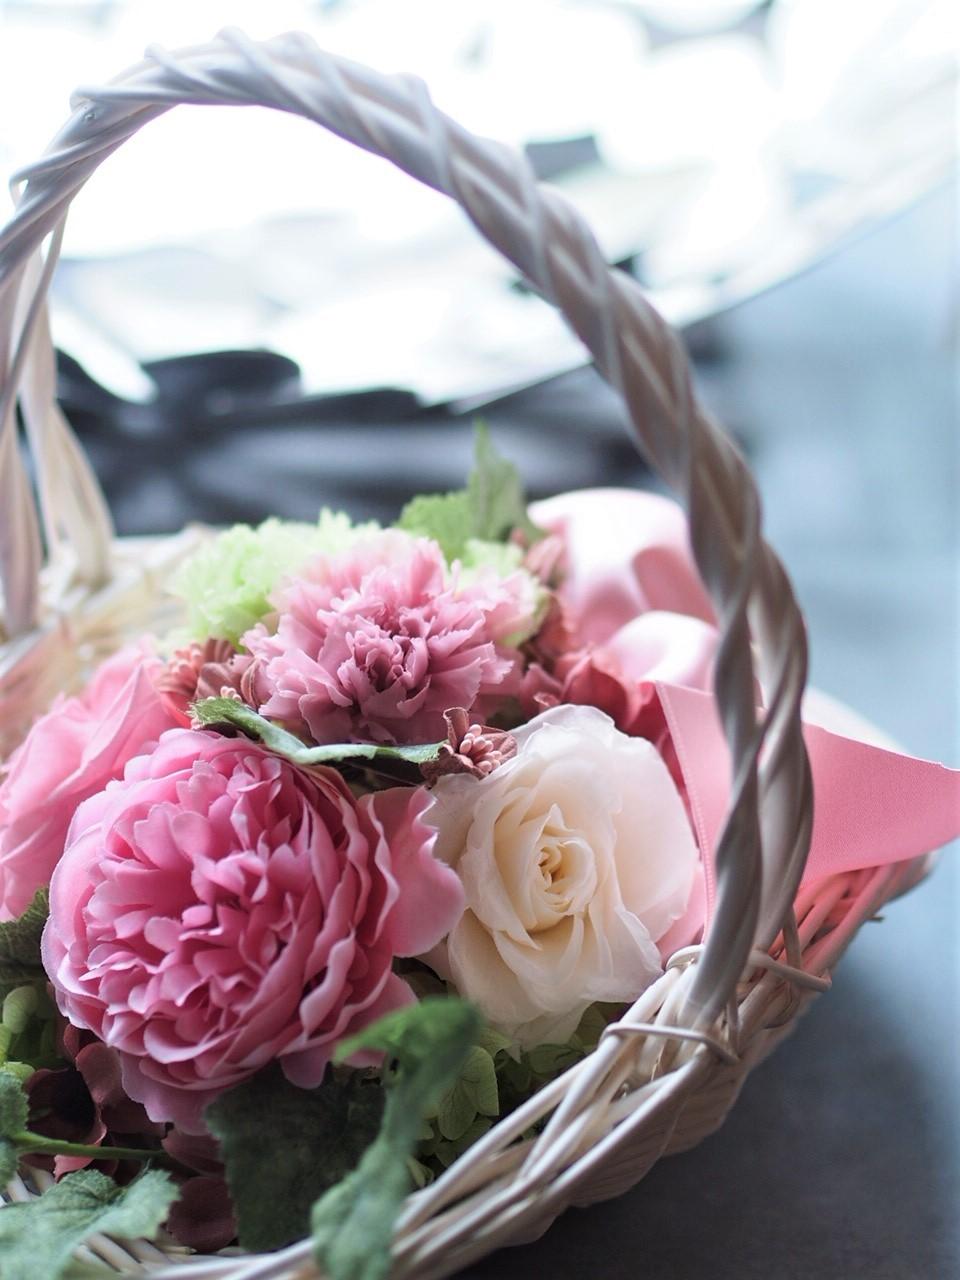 【Pink/White/Thanks】_d0144095_13484245.jpg